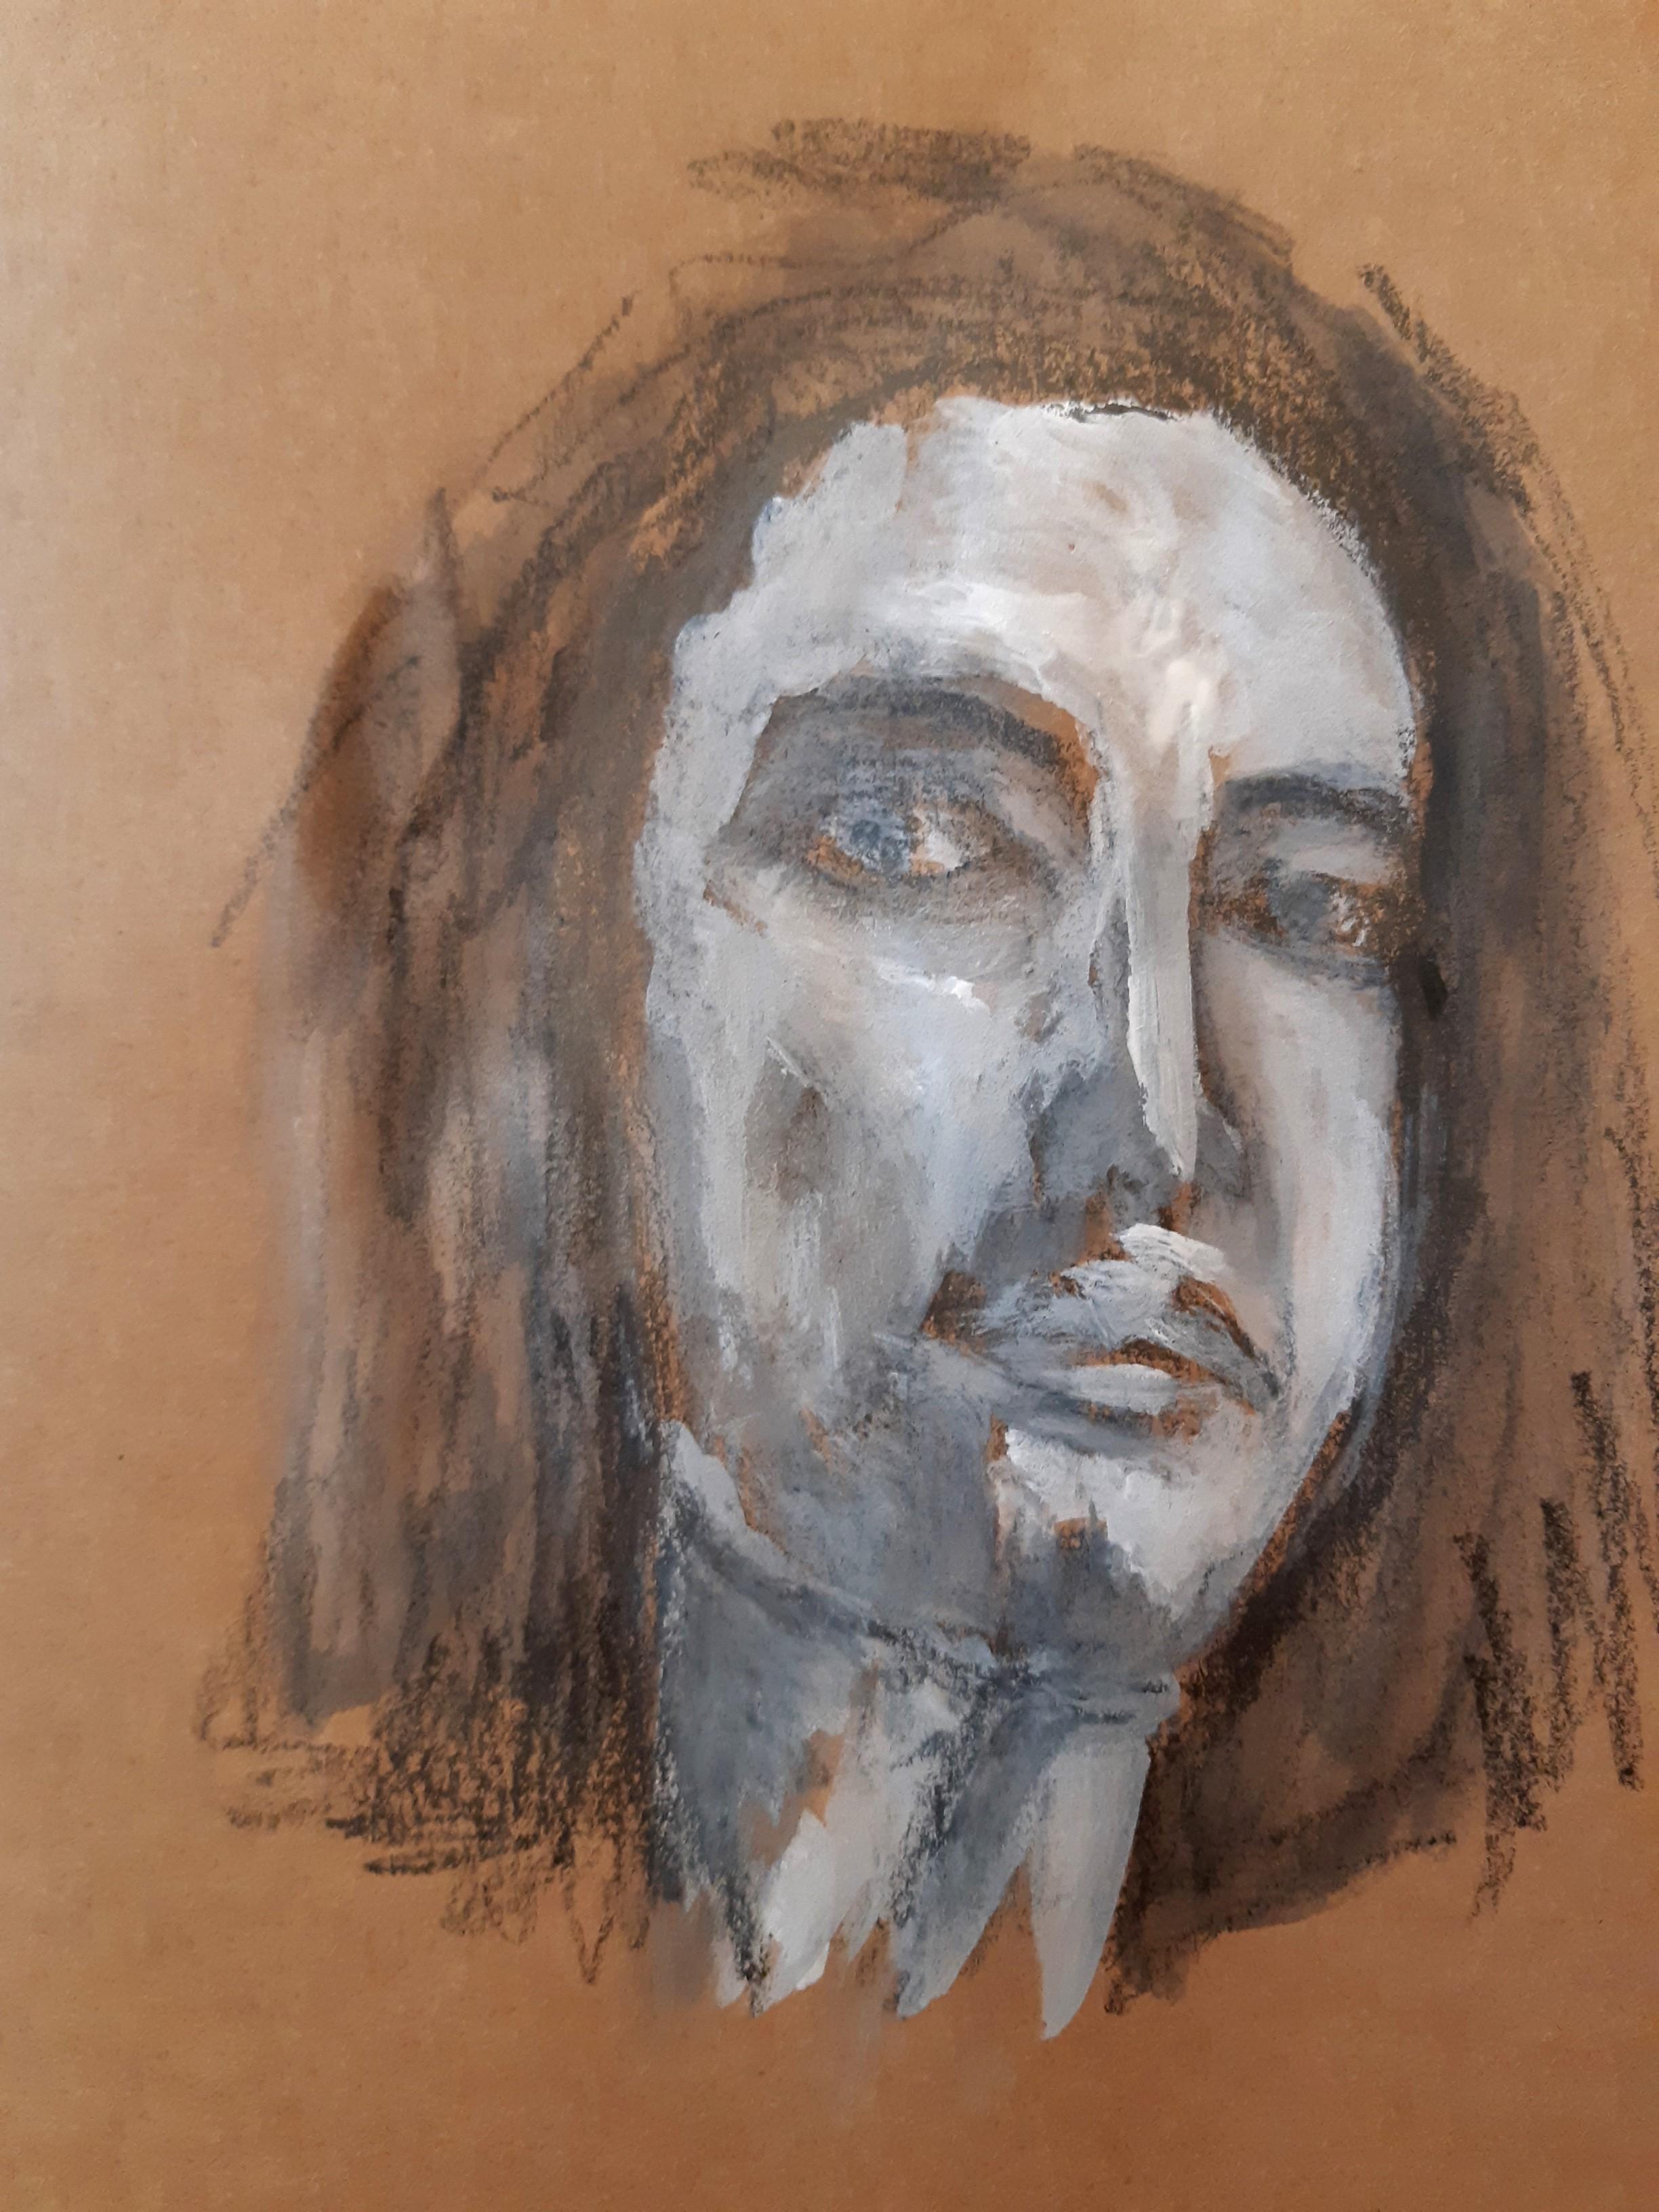 Portrait technique mixte fusain gouache blanche sur papier marron  cours de dessin